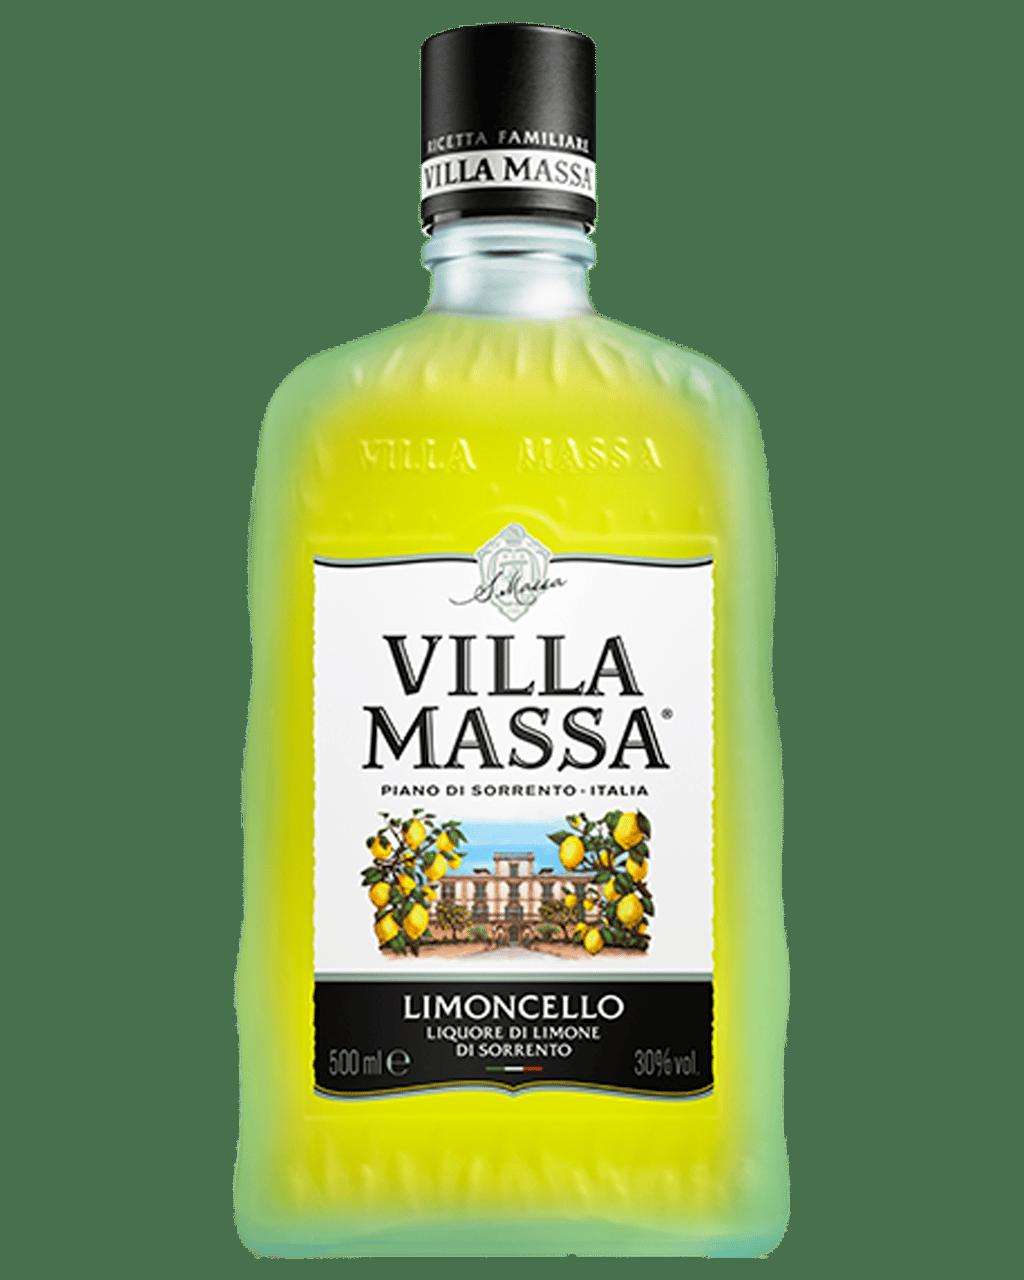 b5cc5d7a Villa Massa Limoncello 500mL | Dan Murphy's | Buy Wine, Champagne ...